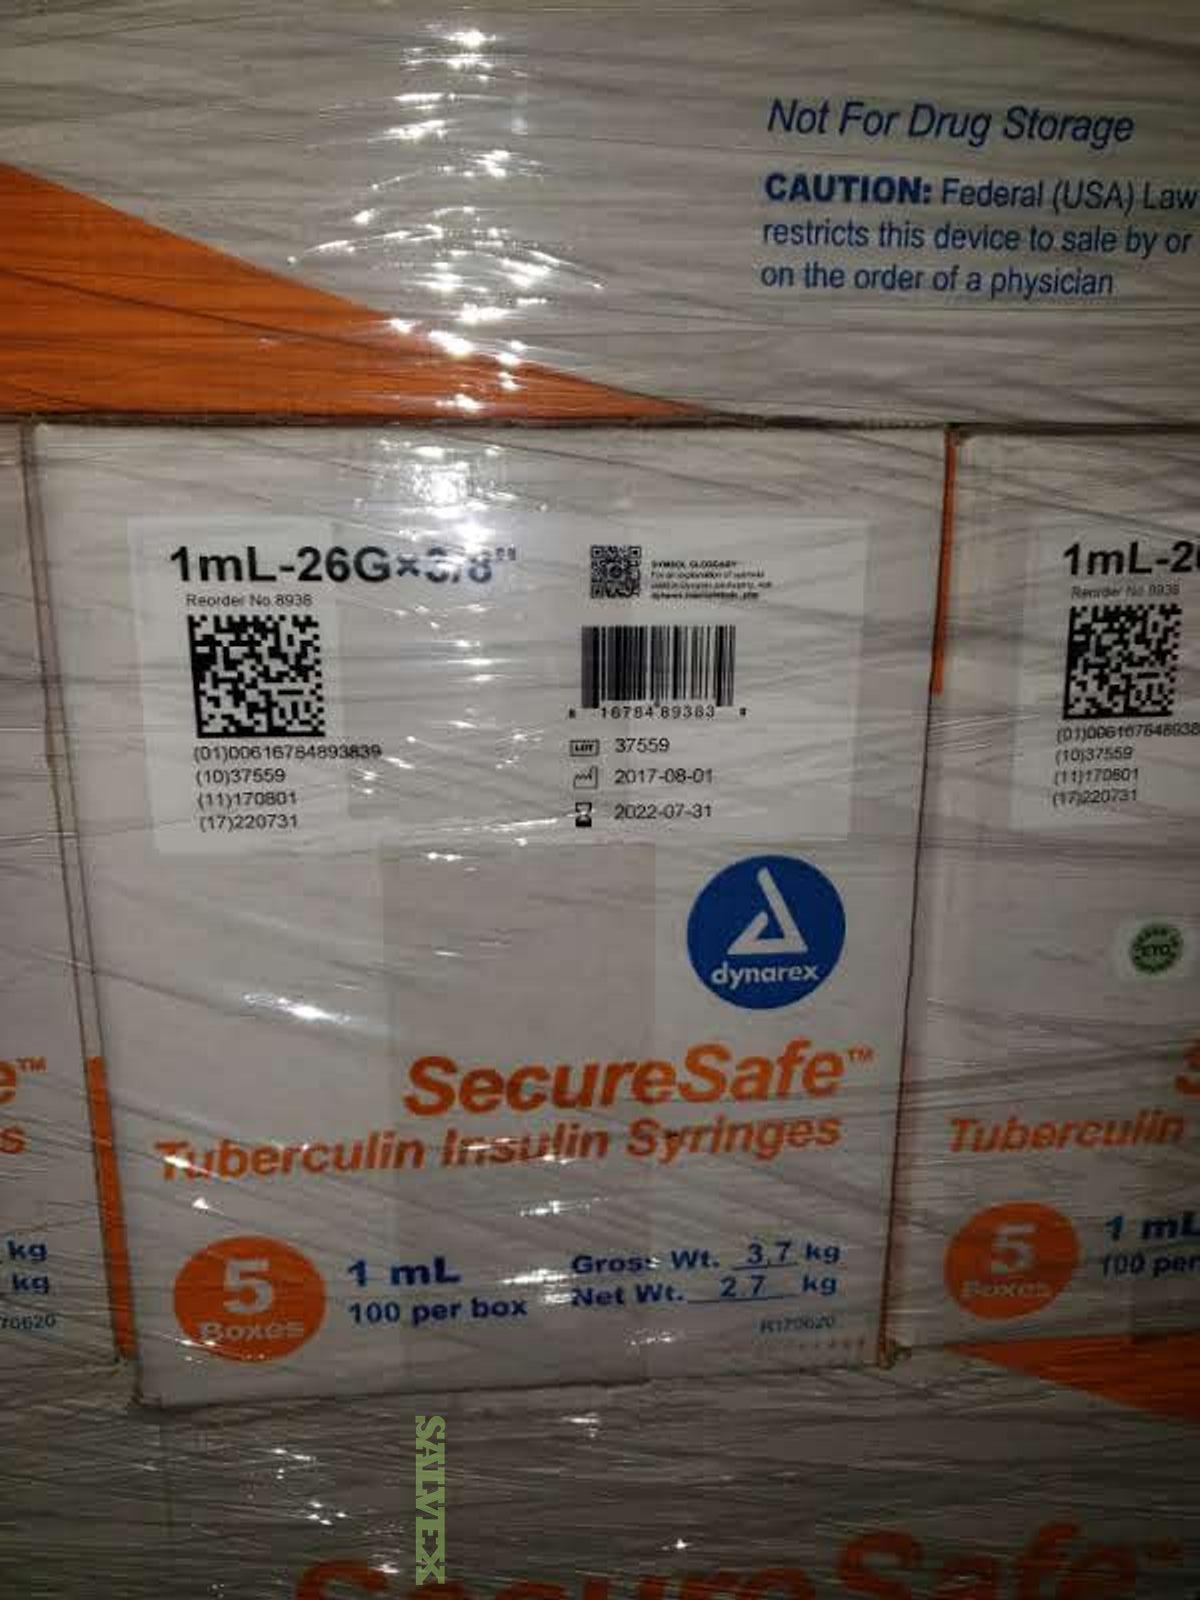 SecureSafe Tubercuiln Saftey Syringe (770 Cases)